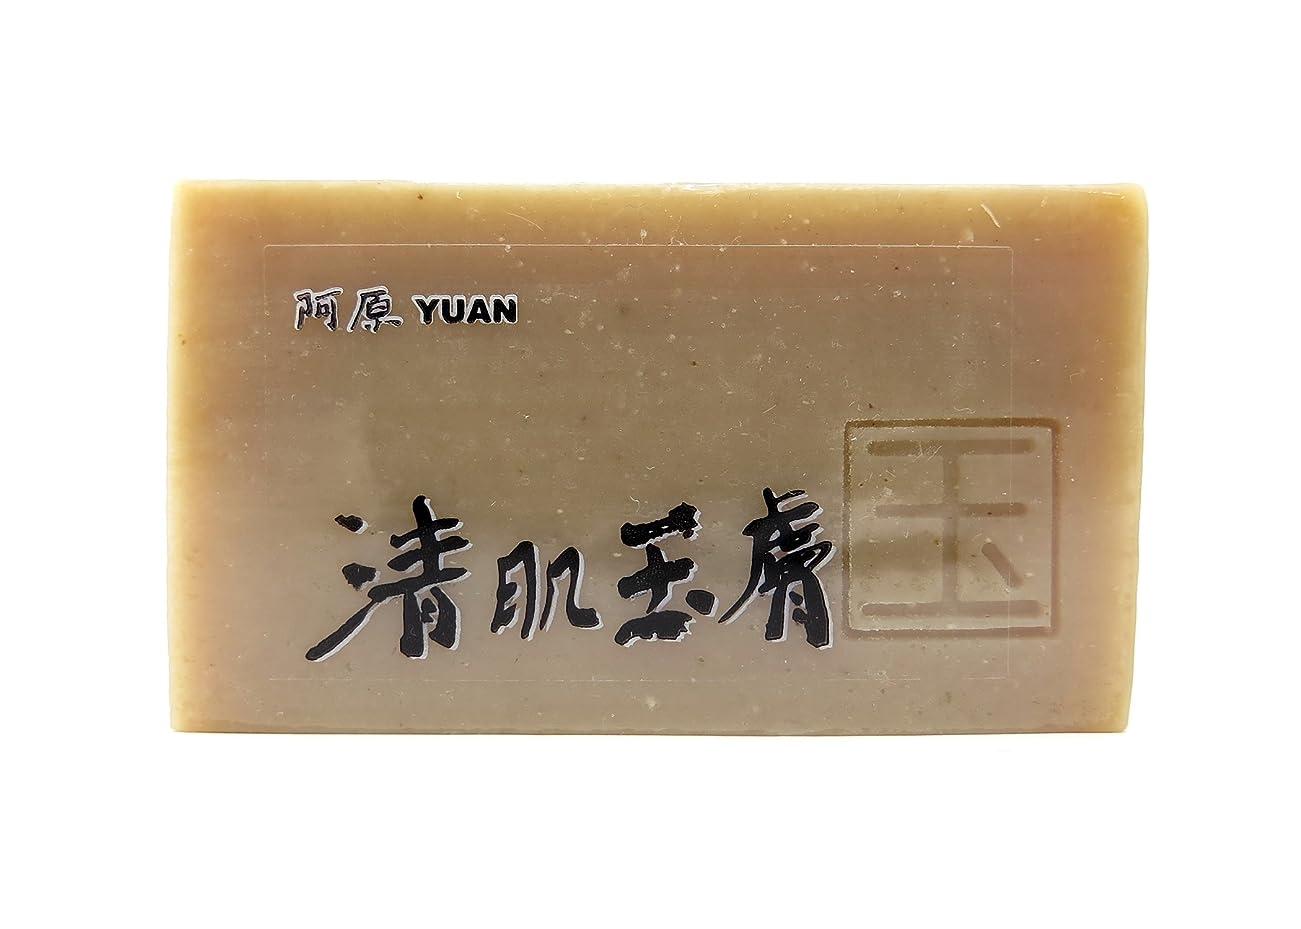 塗抹受けるぶら下がるユアン(YUAN) 清玉(せいぎょく)ソープ 固形 100g (阿原 ユアンソープ)